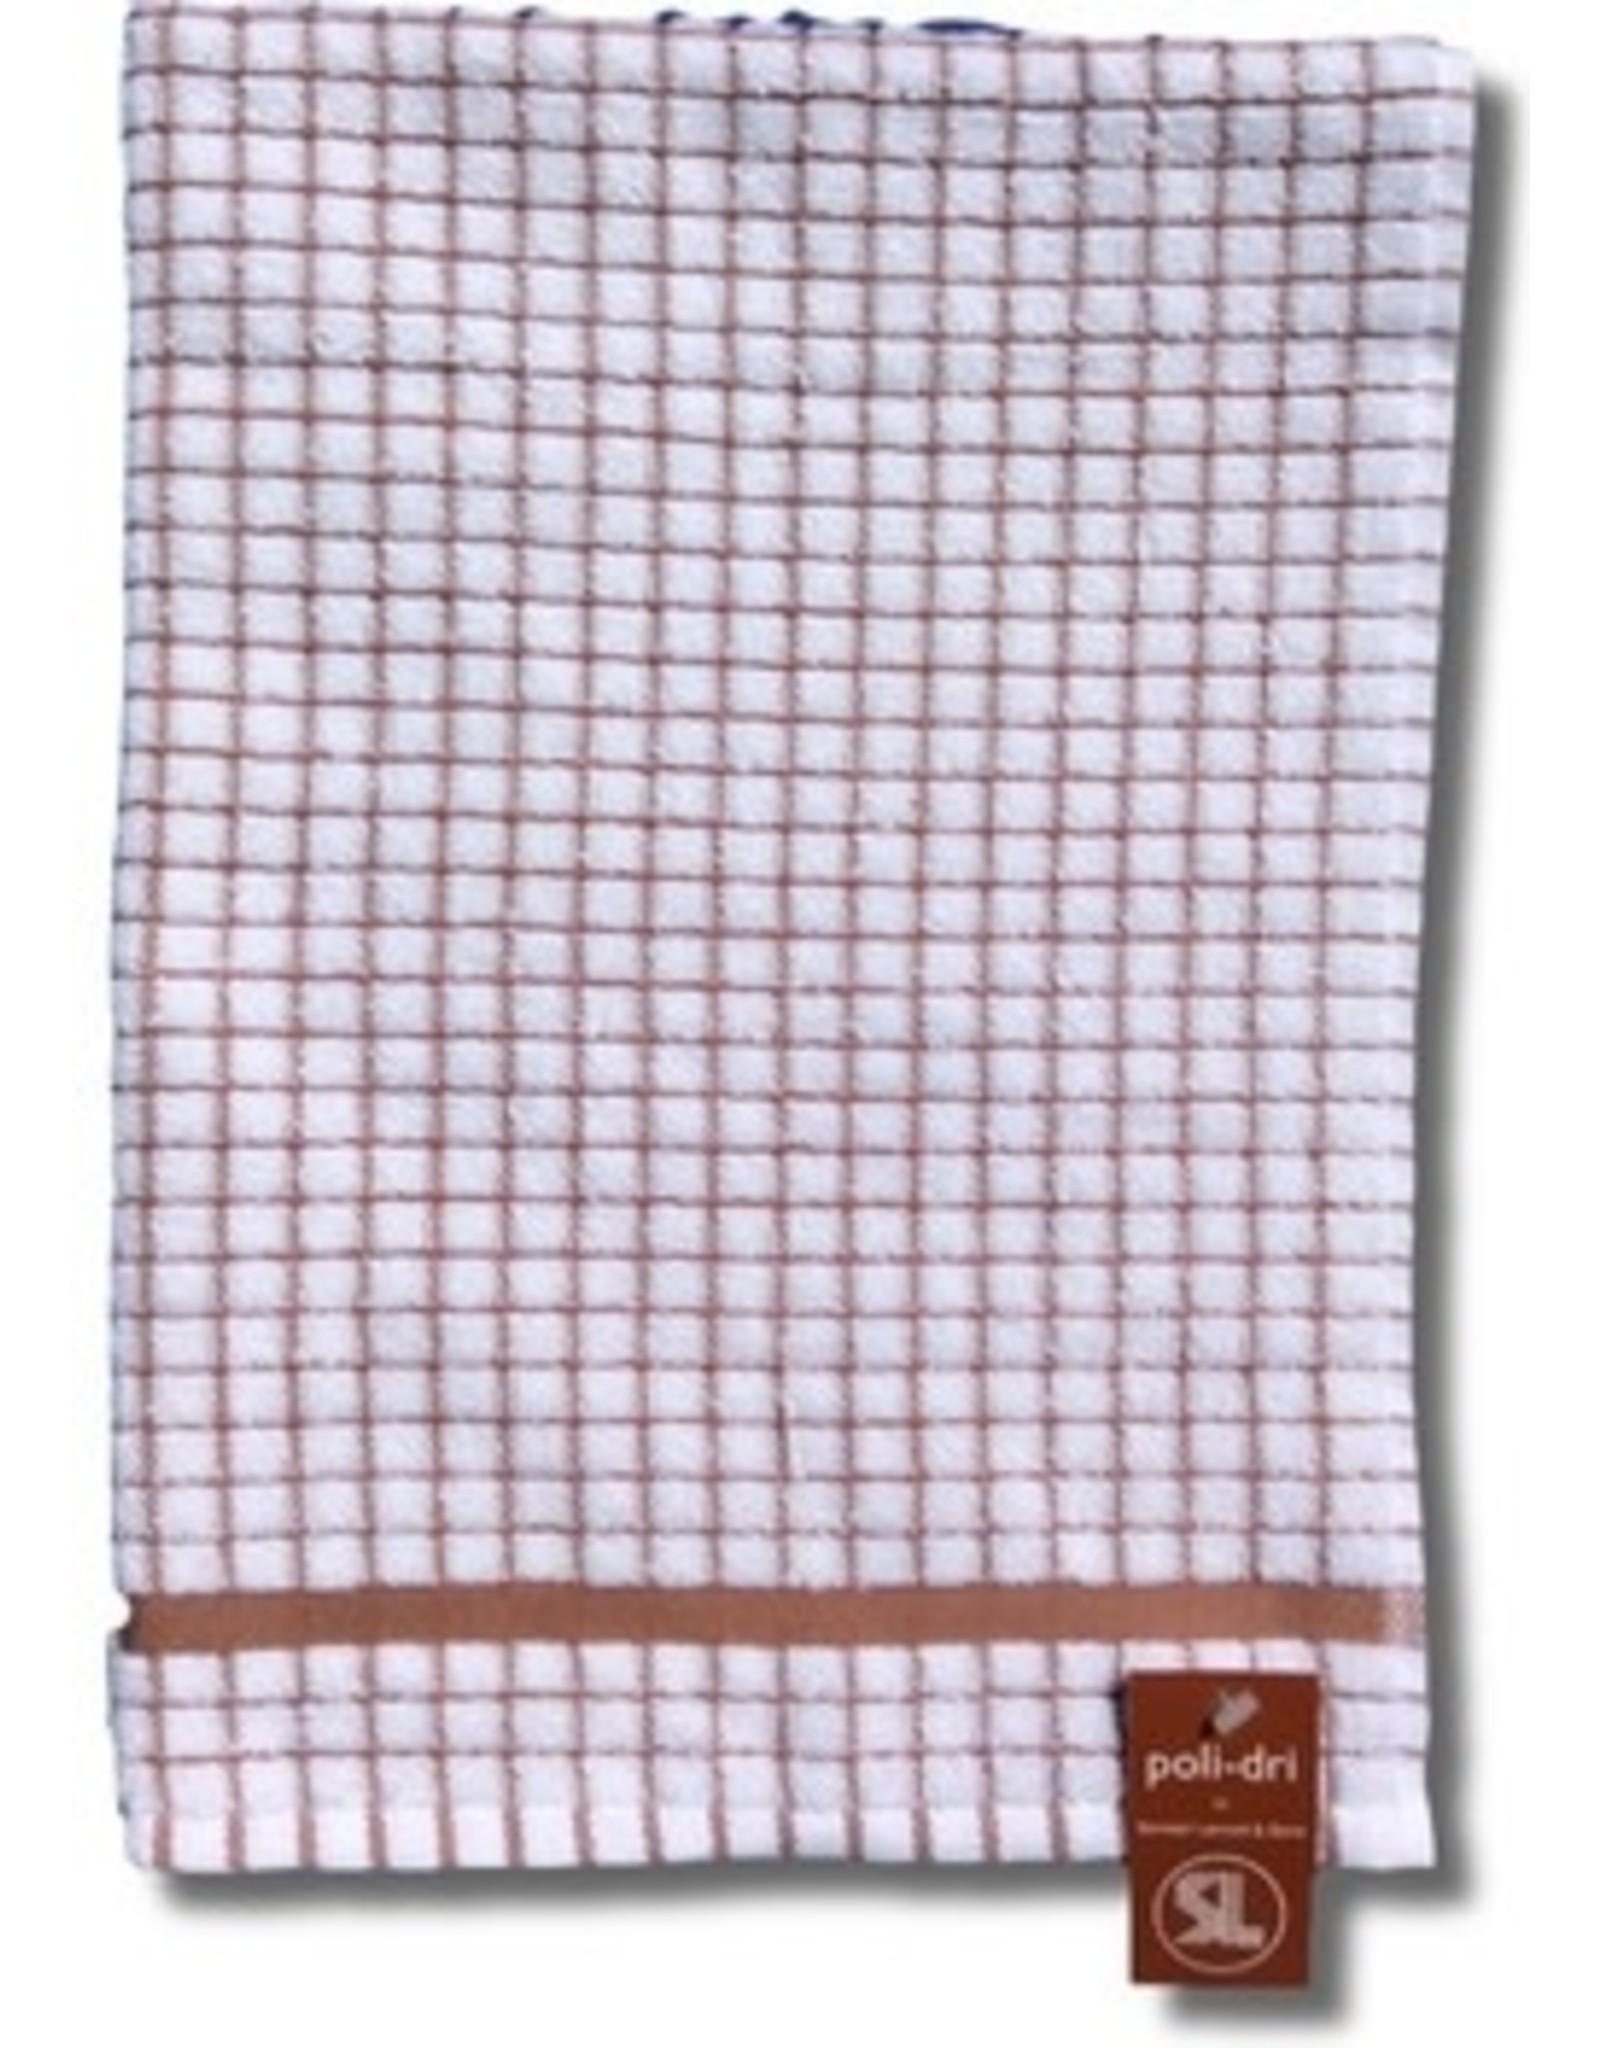 Poli-Dry Terry Kitchen Towel Tan